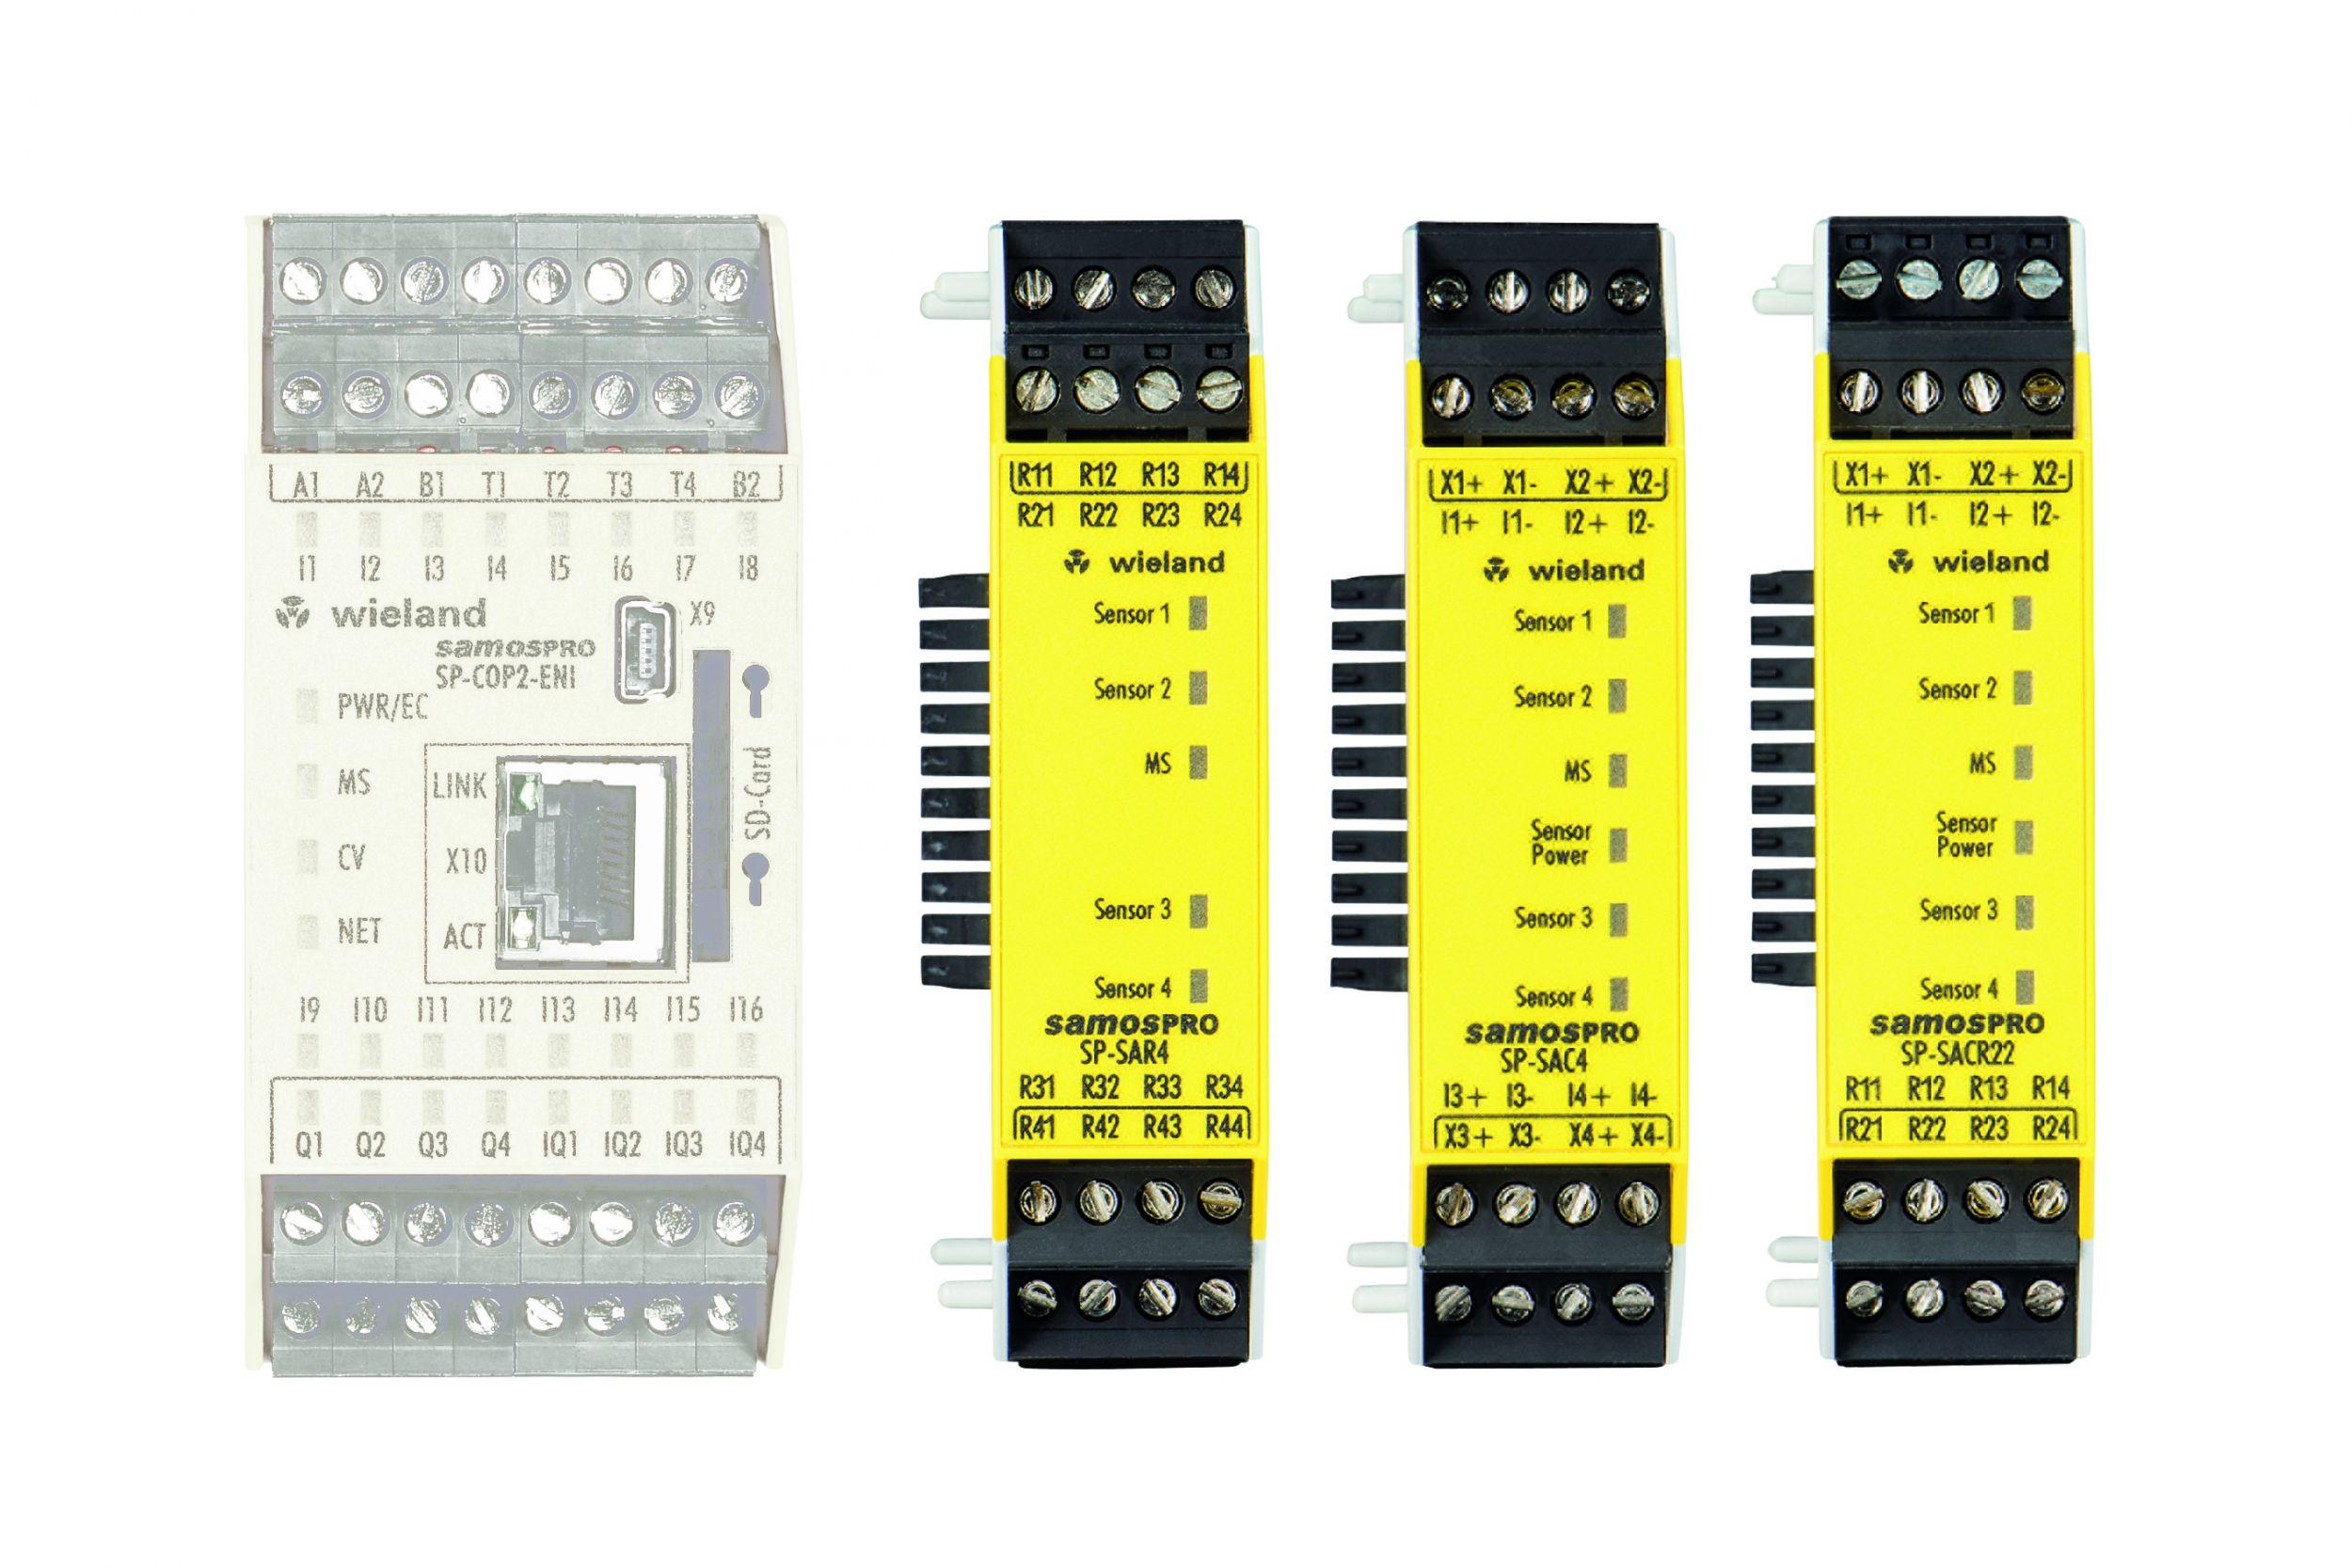 Mit der Erweiterung seiner Sicherheitssteuerung Samos Pro um drei neue Eingangsmodule ermöglicht Wieland ab sofort eine sichere Analogwertverarbeitung. (Bild: Wieland Electric GmbH)